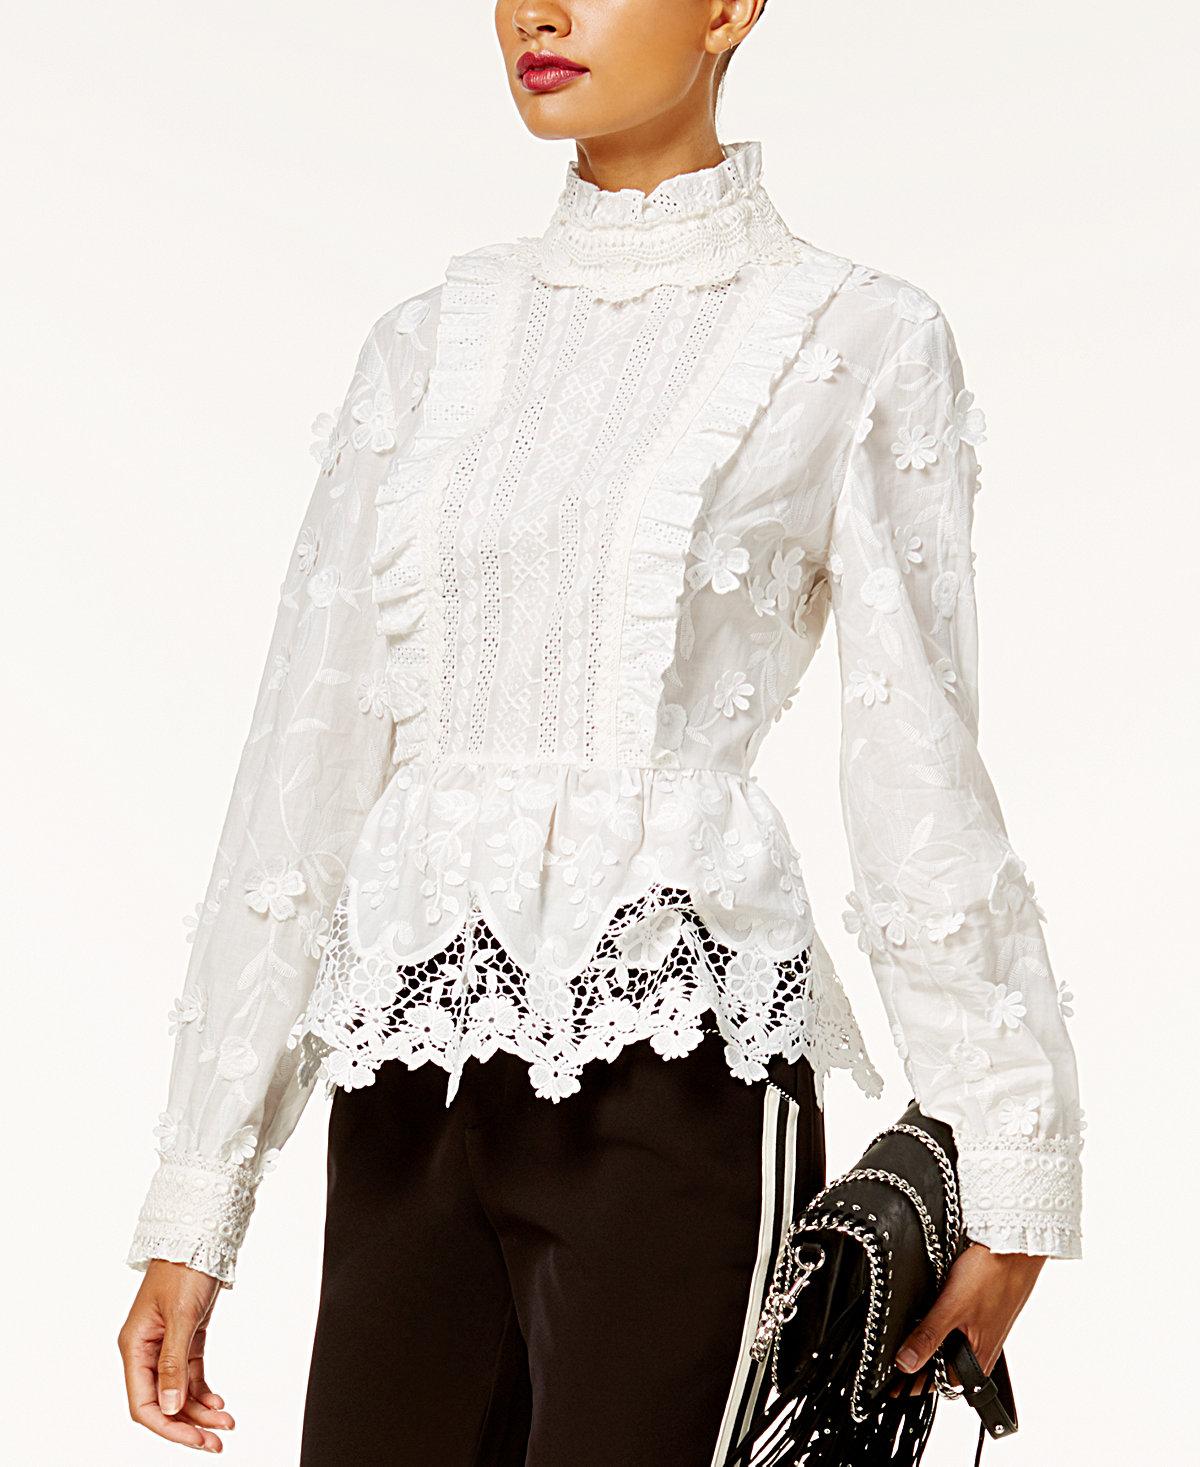 lace-top.jpeg